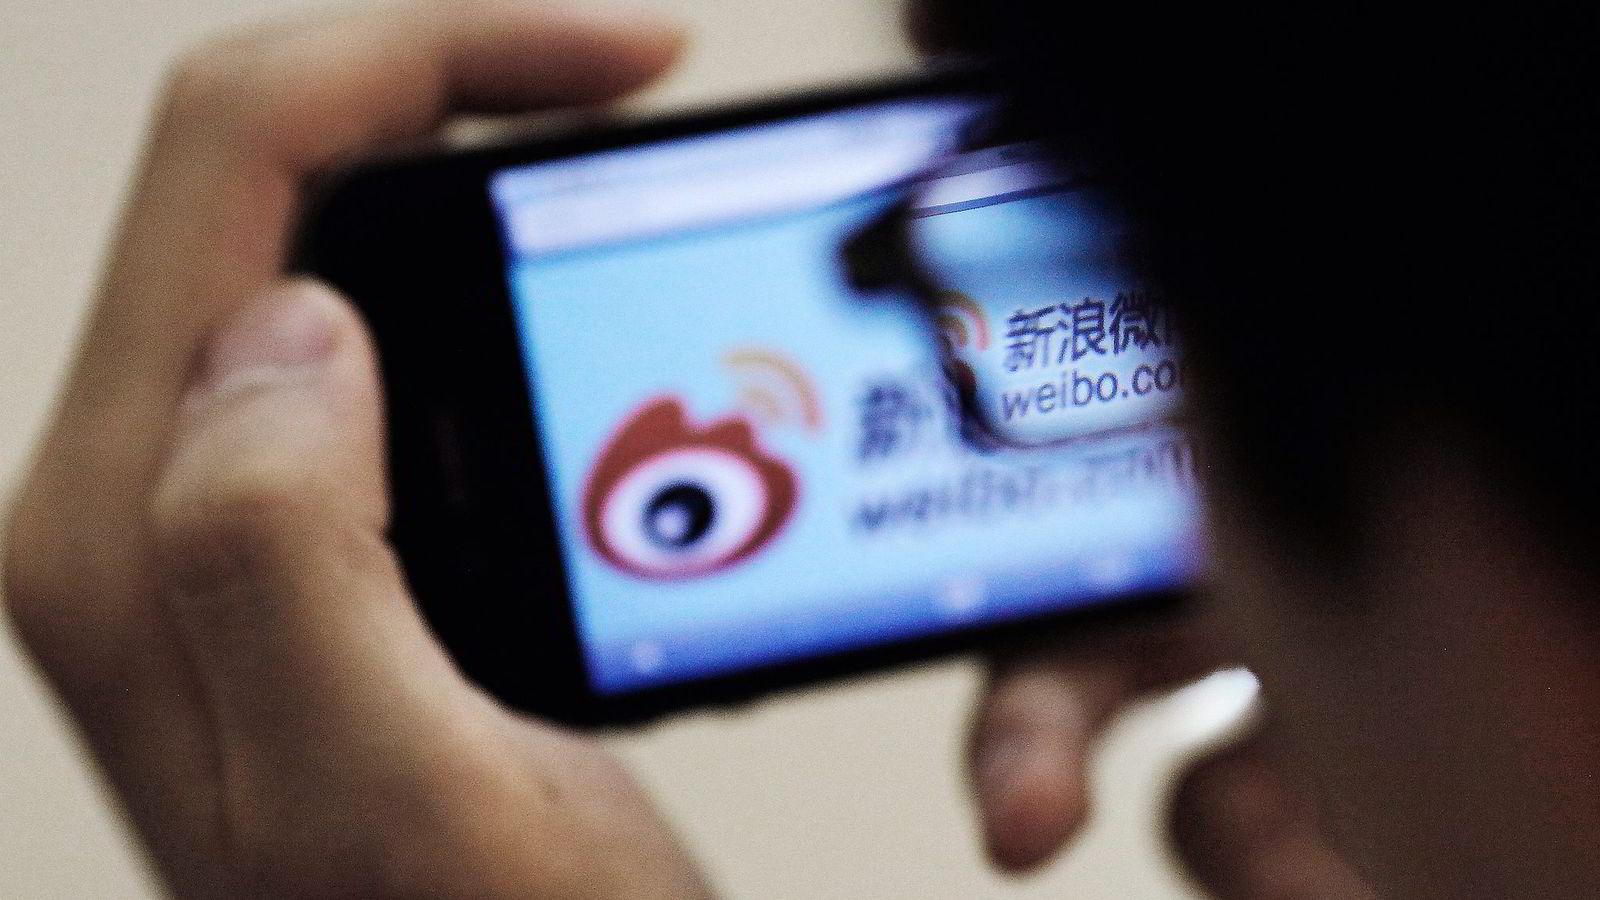 PÅ BØRS. Over 500 millioner kinesere er registrert som brukere av Weibo. Nå skal lynmeldingstjenesten børsnoteres i New York.